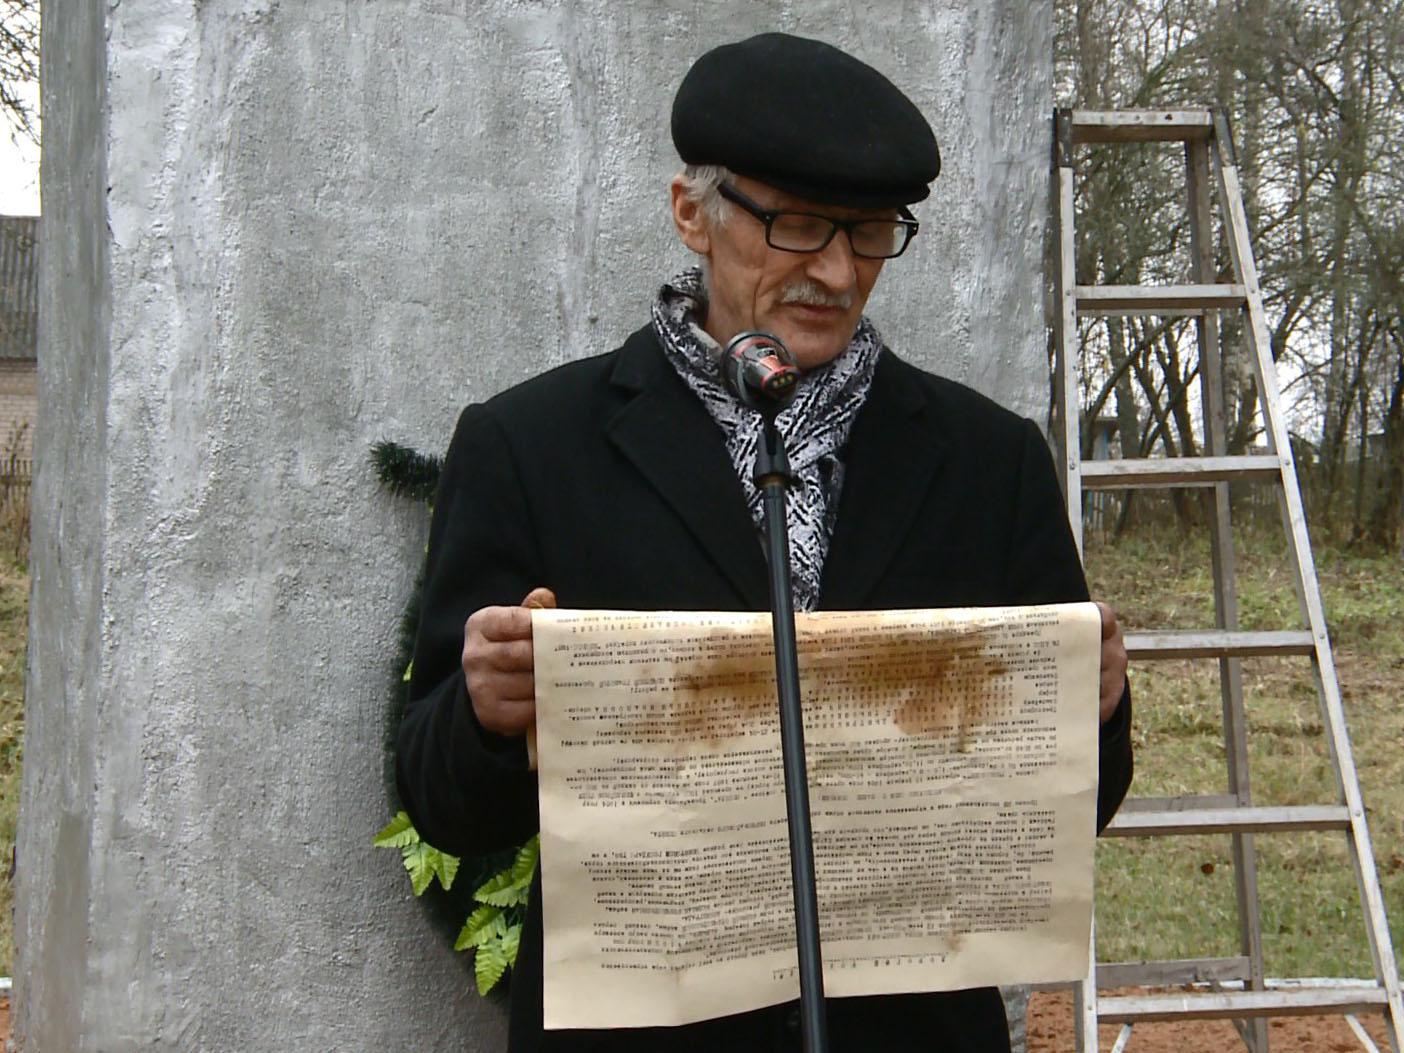 ВКазани вскрыли капсулу спосланием, заложенную 50 лет назад